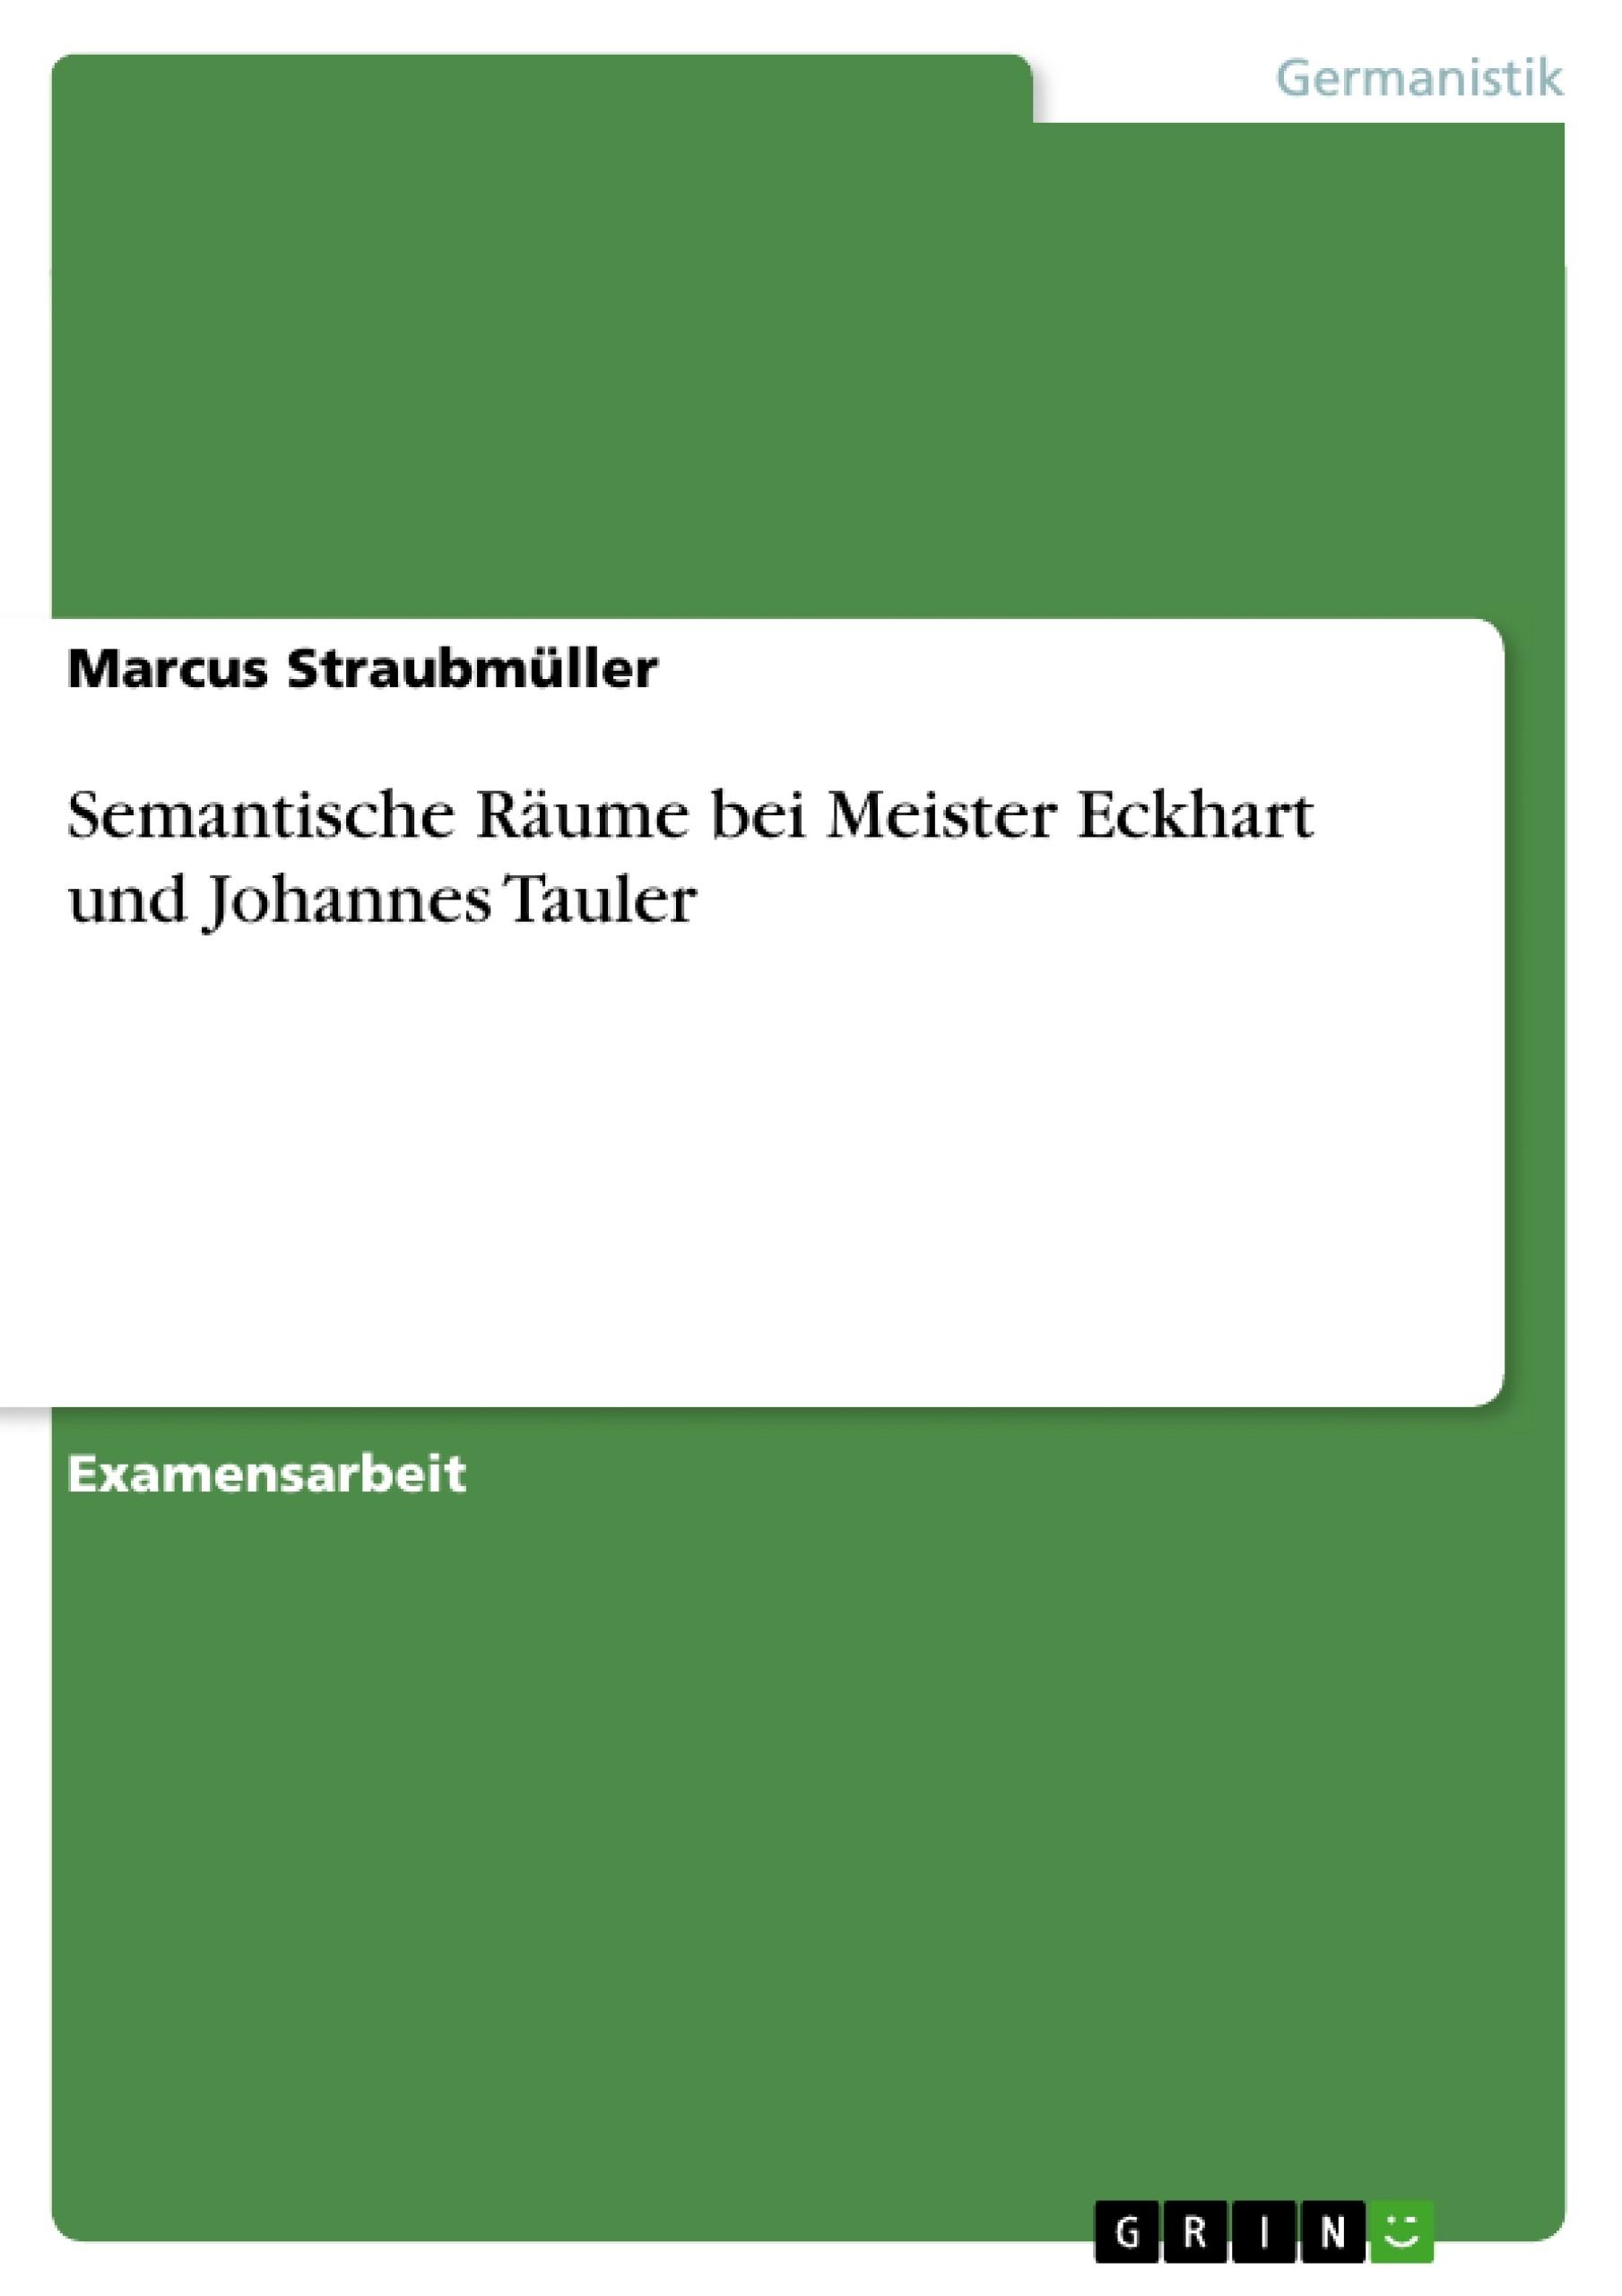 Titel: Semantische Räume bei Meister Eckhart und Johannes Tauler